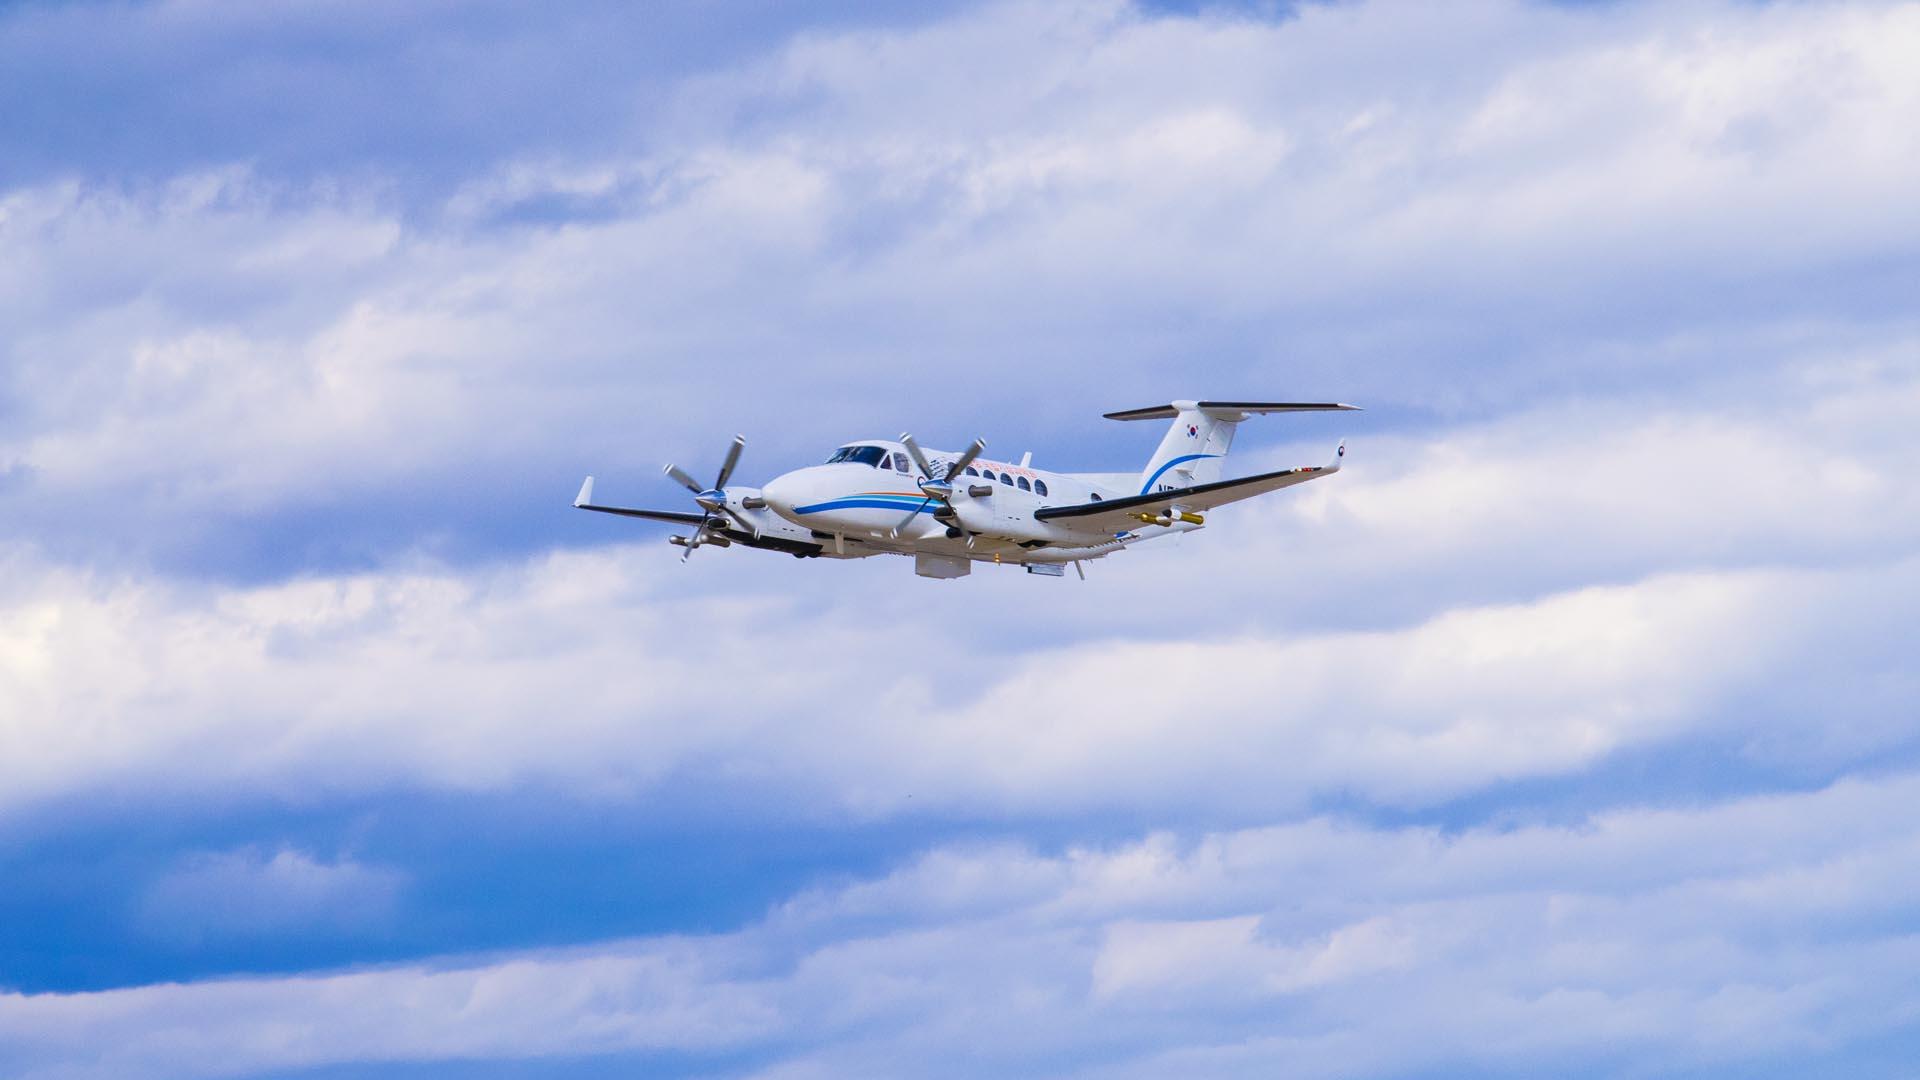 KA 350 Flyby